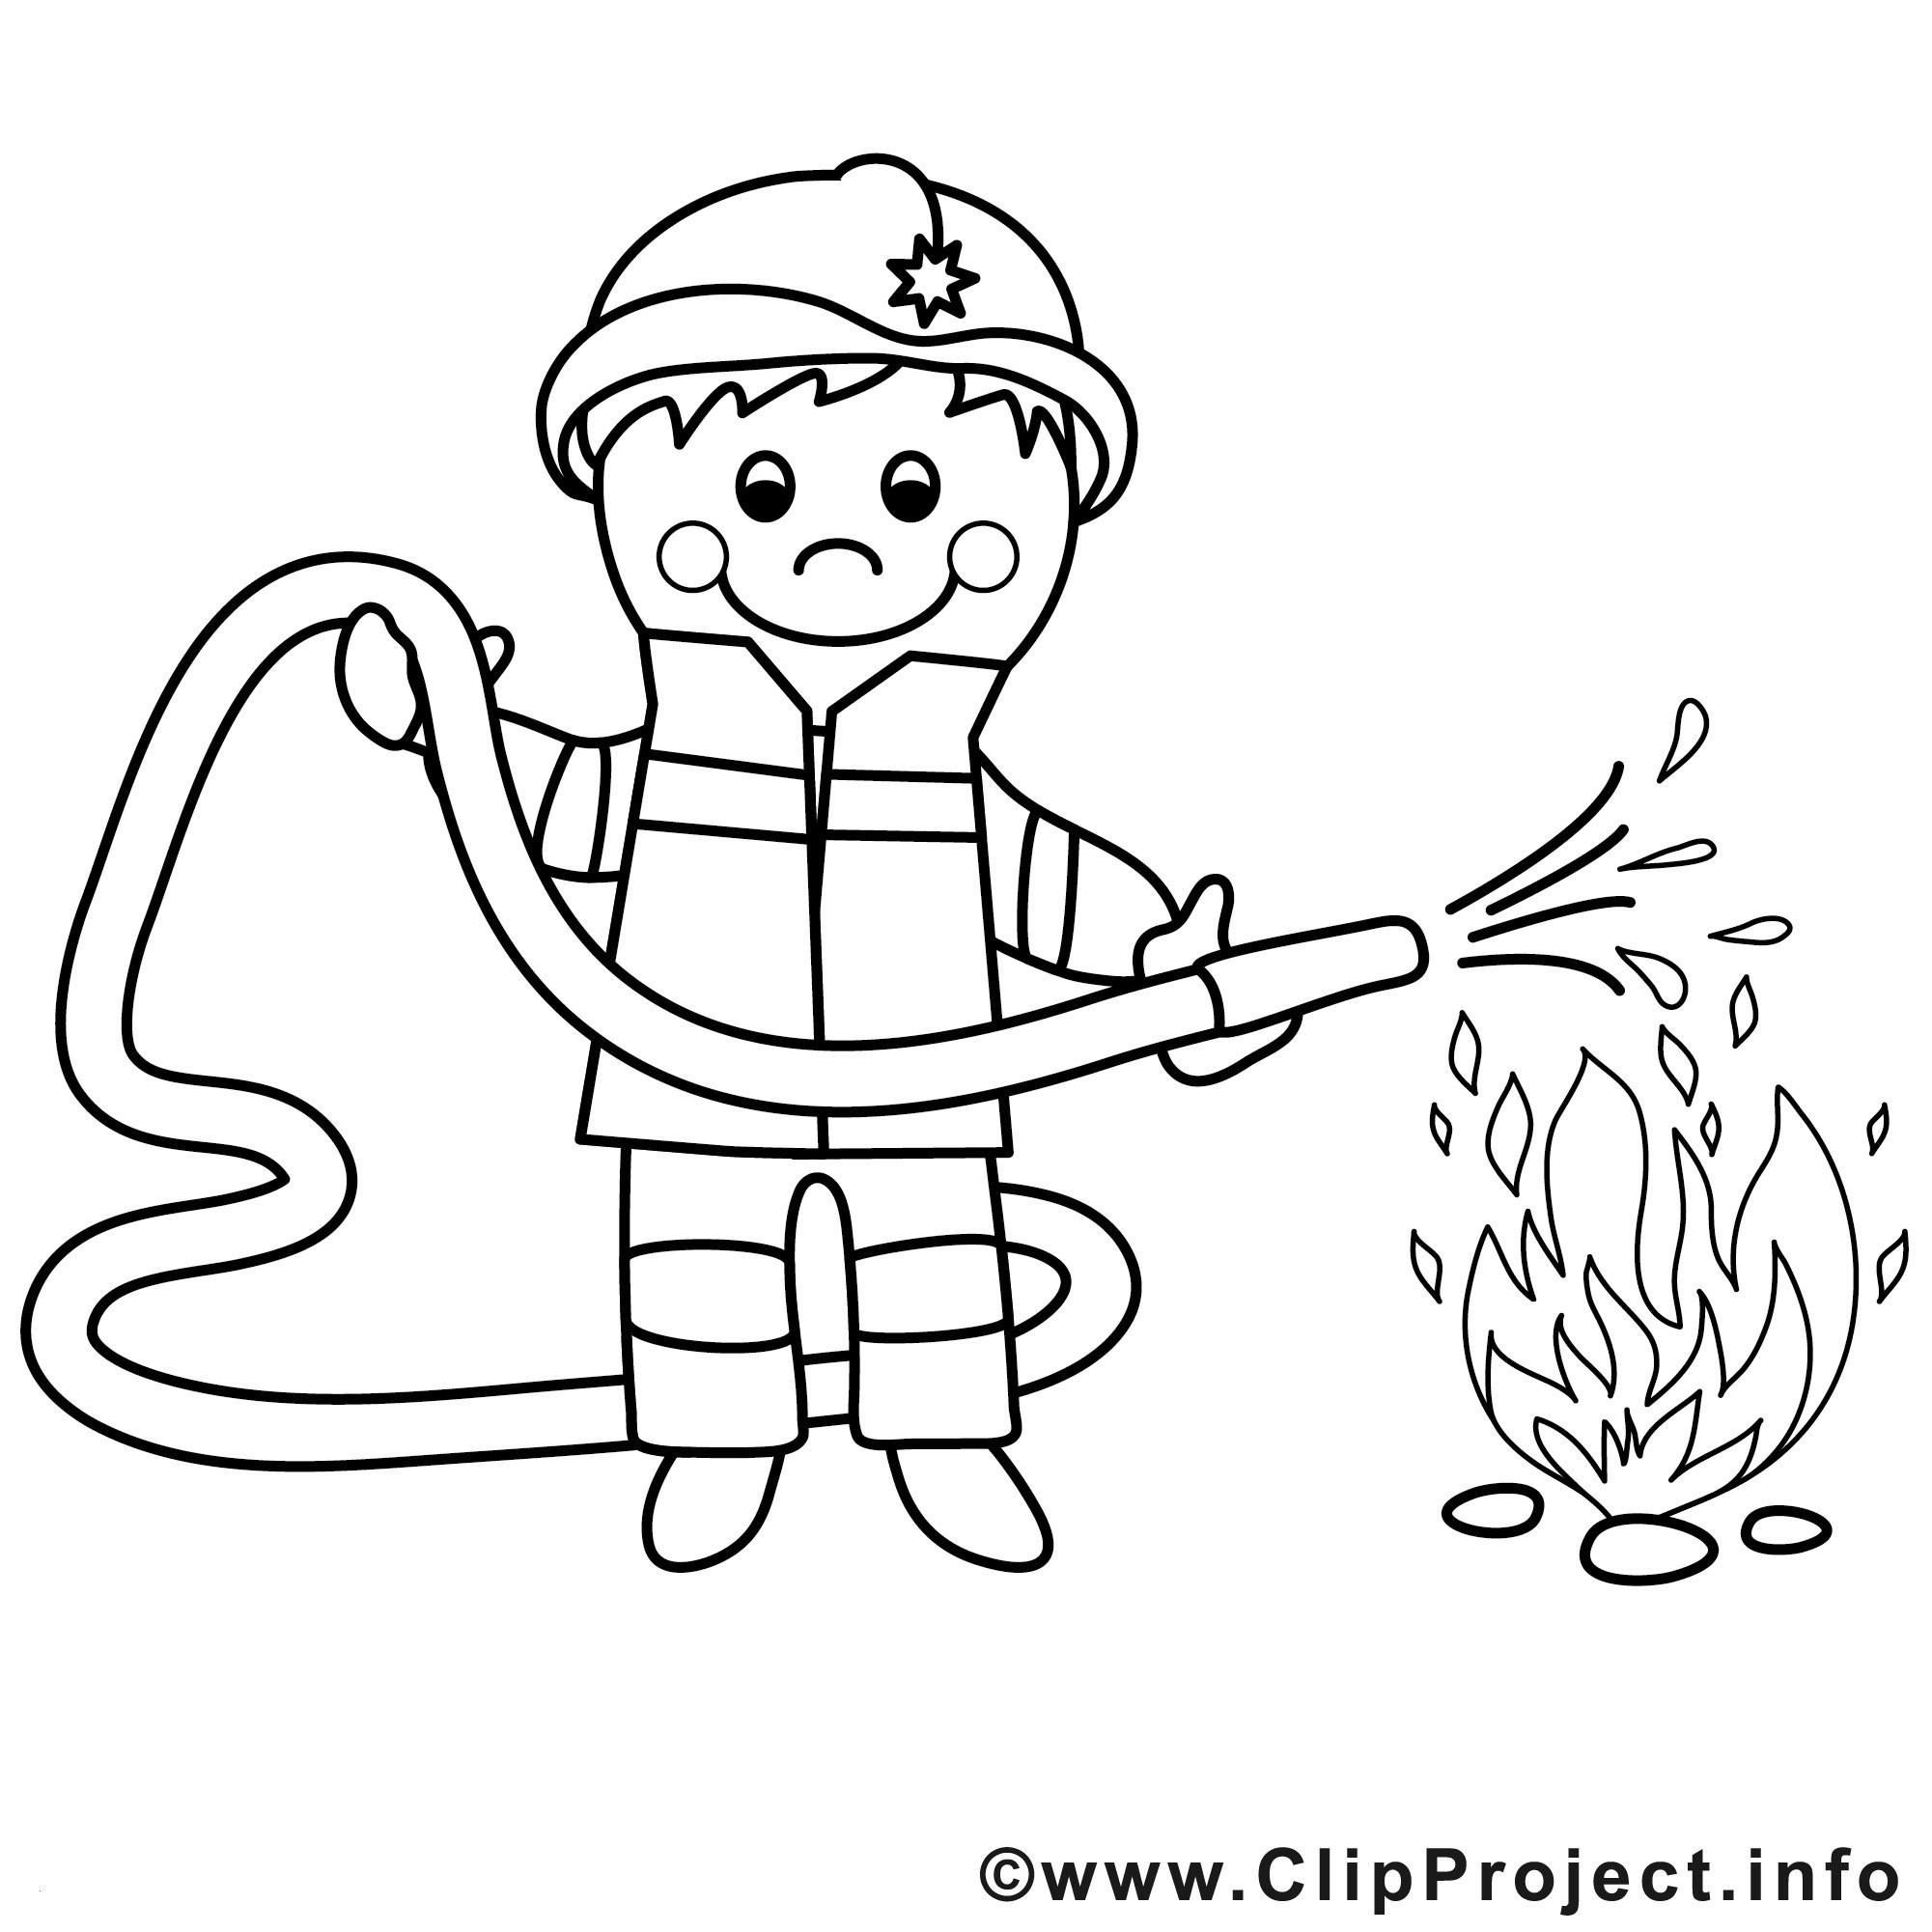 Ausmalbilder Roboter Inspirierend 12 Ausmalbilder Feuerwehr Sam Bild Neu Ausmalbilder Sammlung